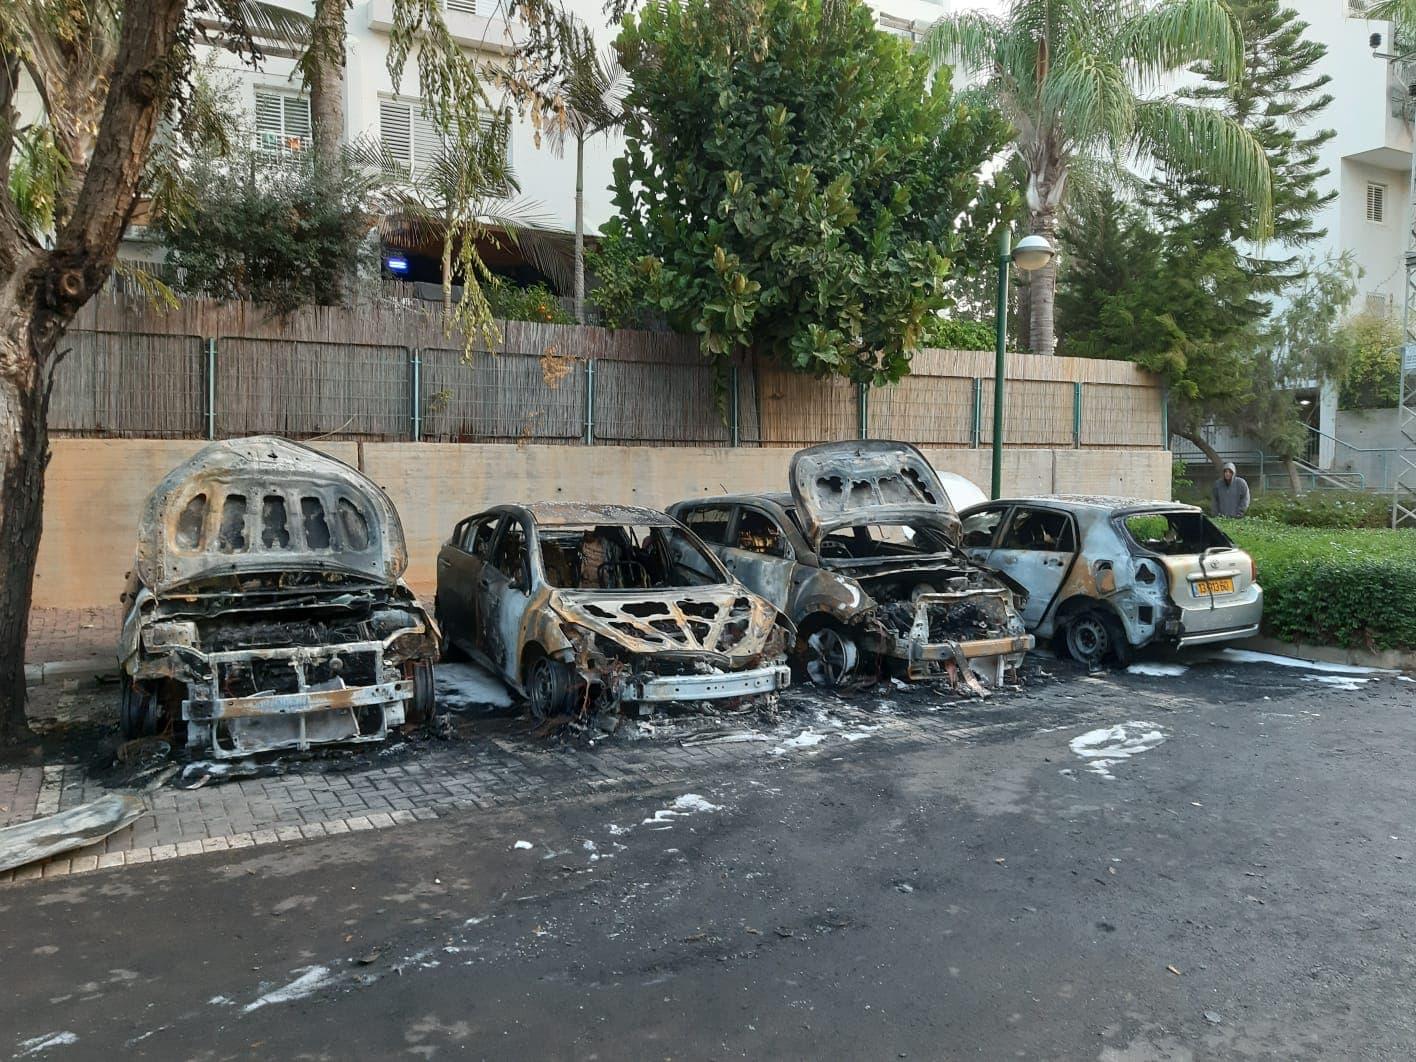 תעלומה בכפר סבא: מי עומד מאחורי החשד להצתת רכבים רבים ברחבי העיר בשנה האחרונה